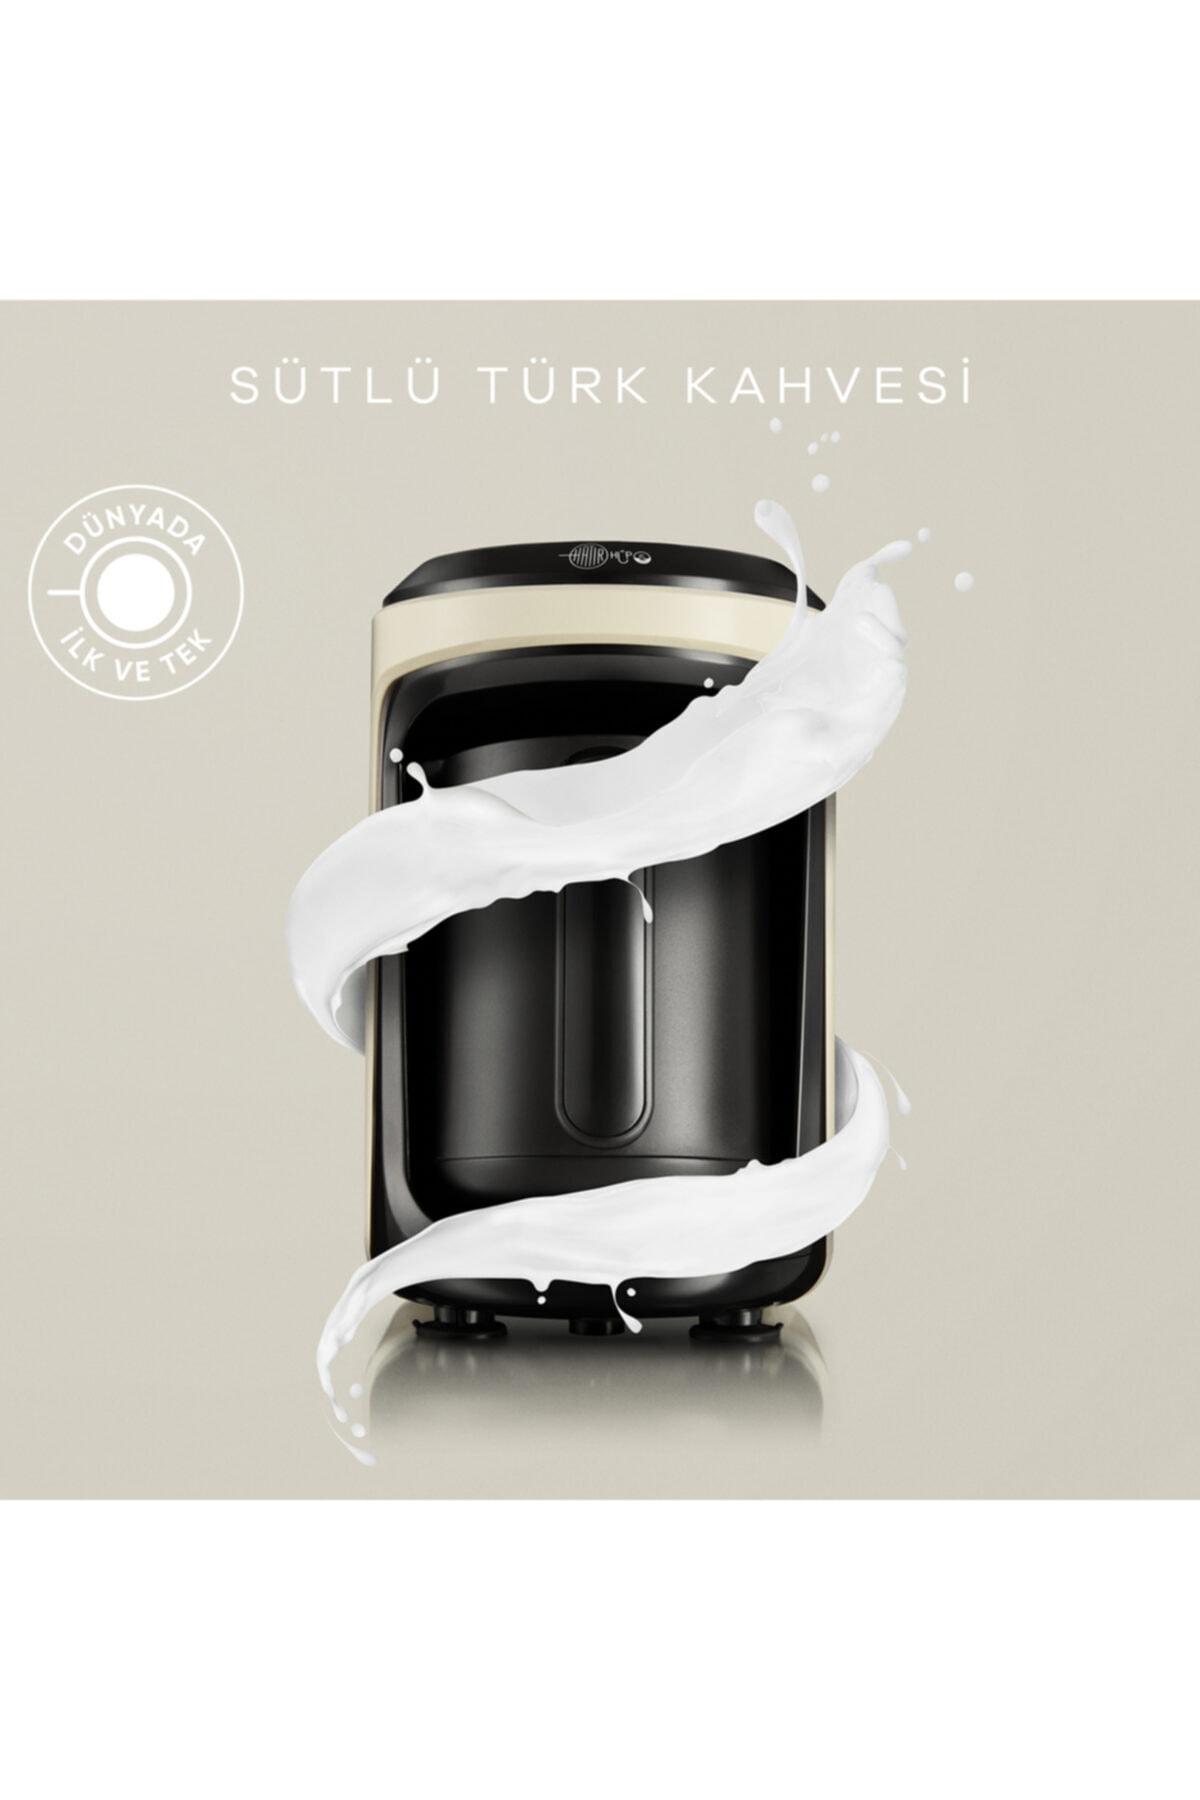 Hatır Hüps Sütlü Türk Kahve Makinesi Krem